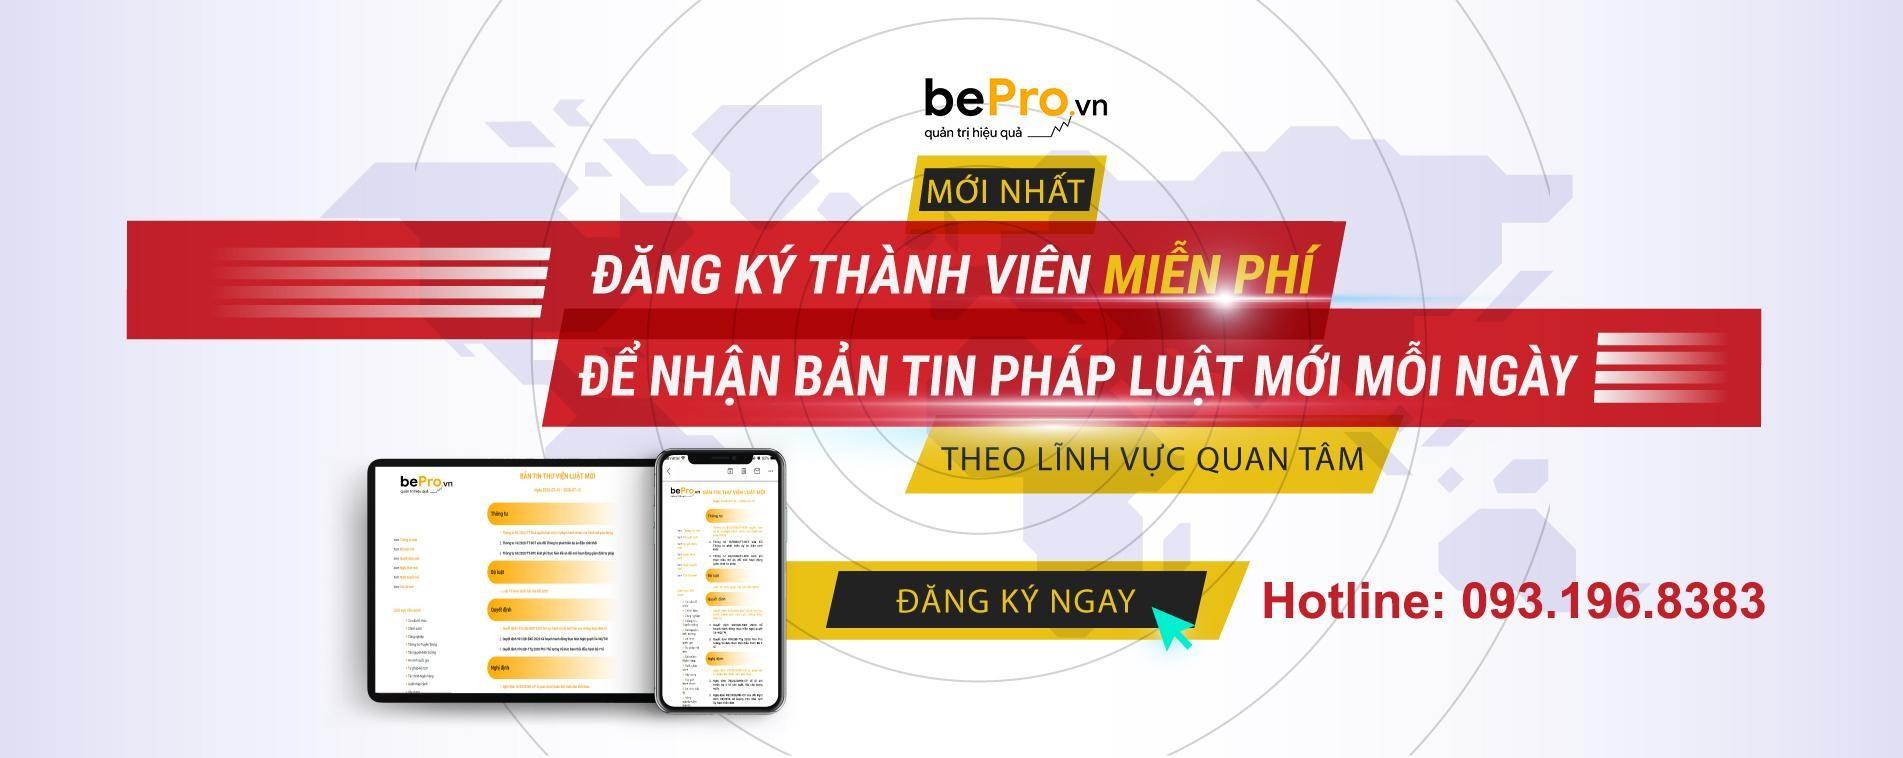 BePro.vn - Chuyên nghiệp hóa hoạt động kế toán với chi phí hợp lý 2